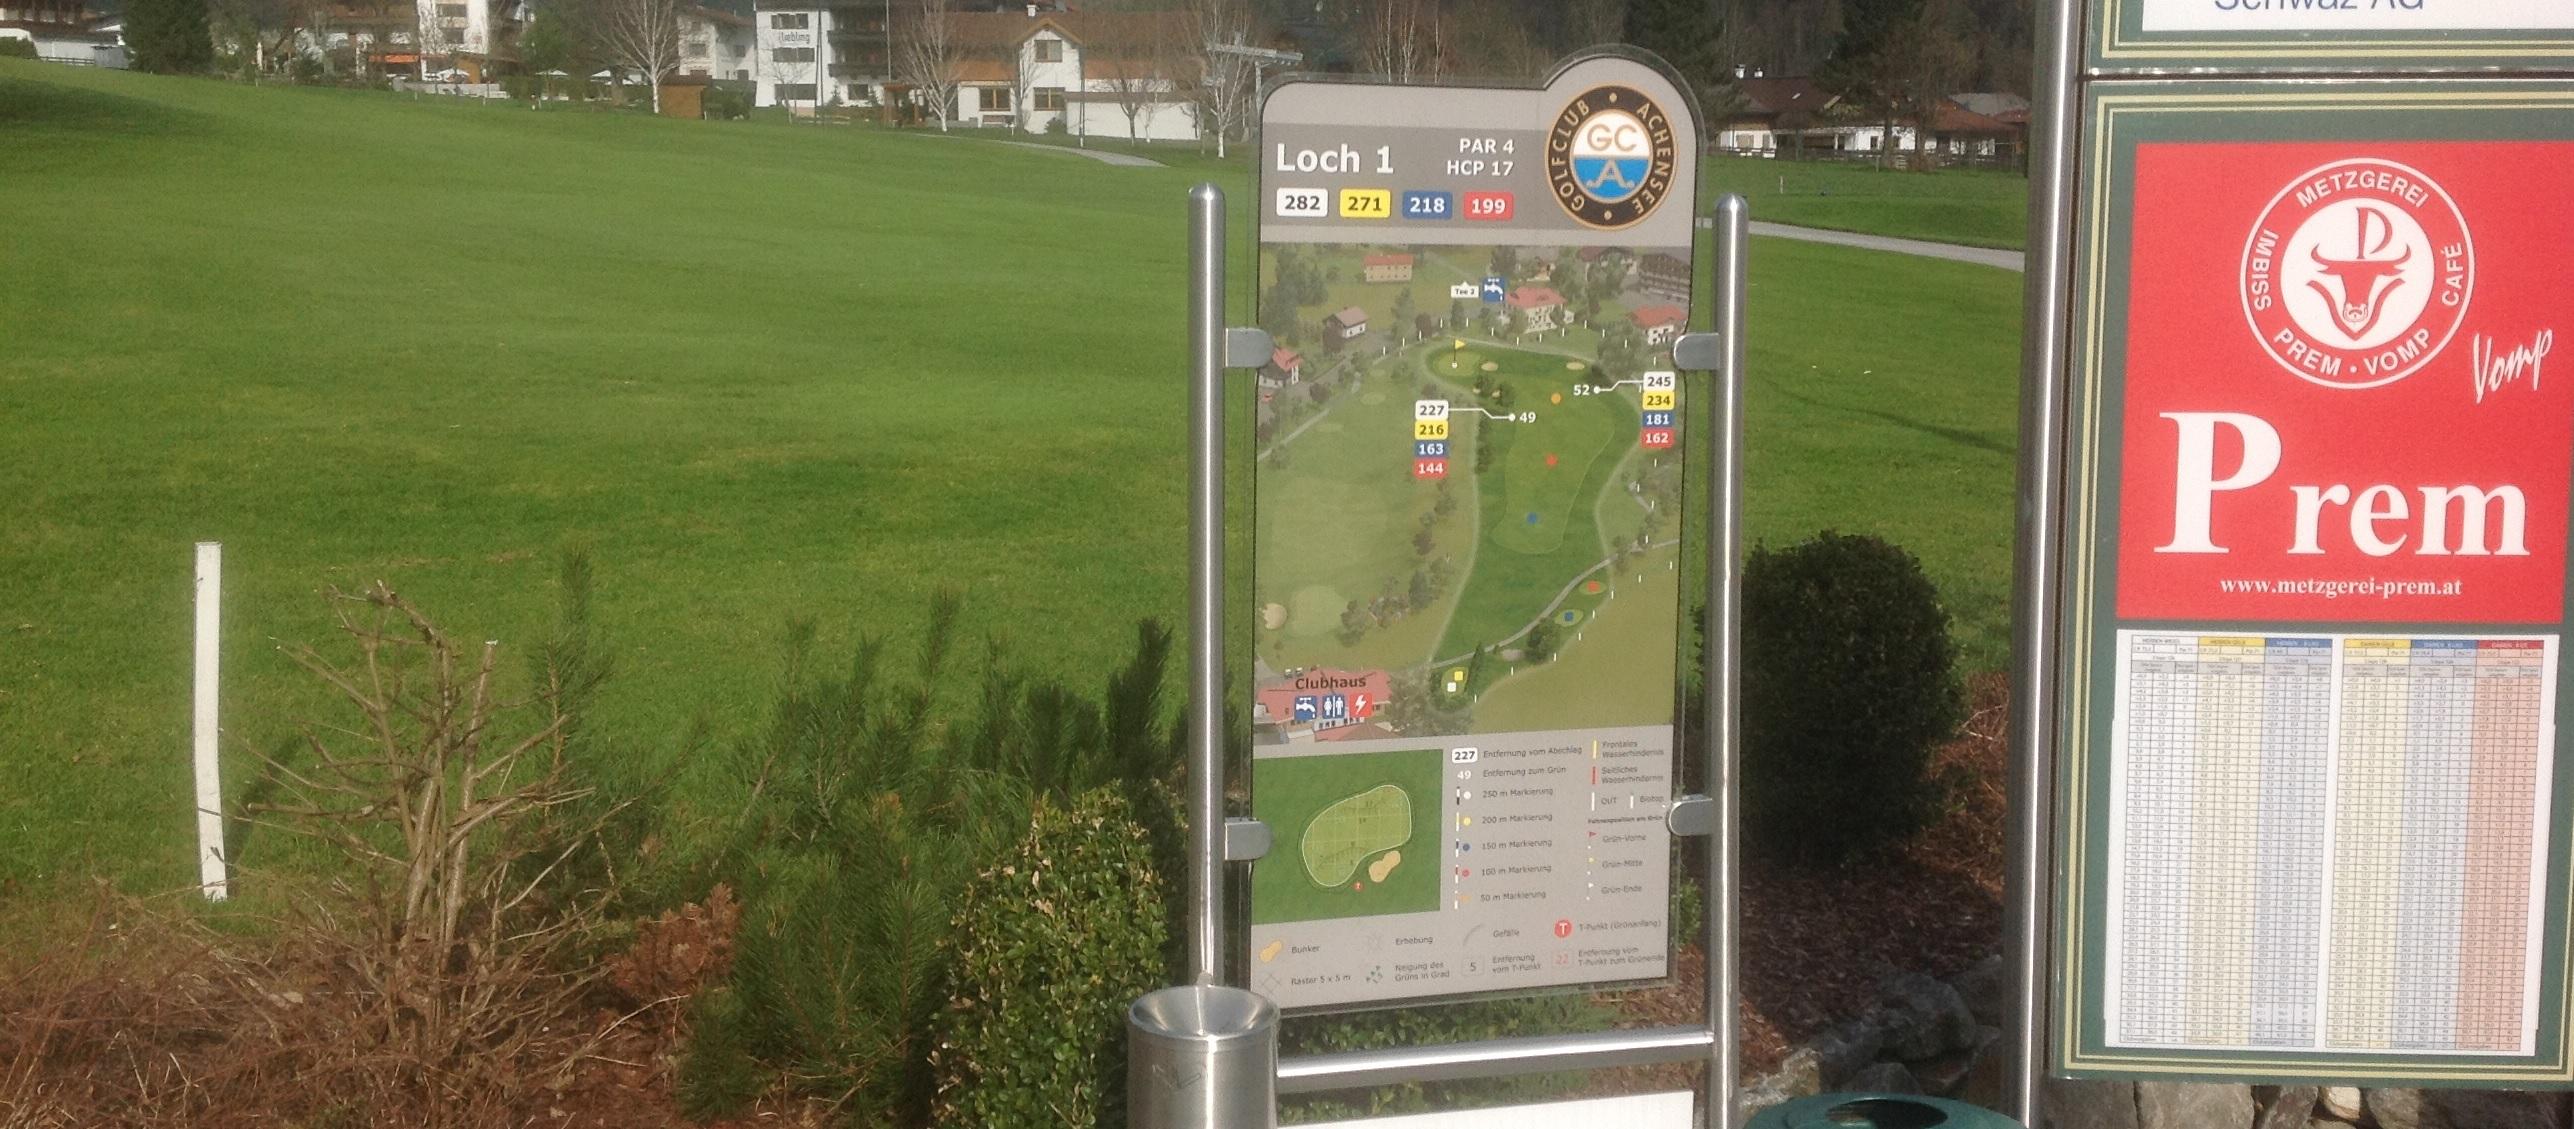 Abschlag 1 im Golfclub Achensee. Fotos:  Bernhard Obst